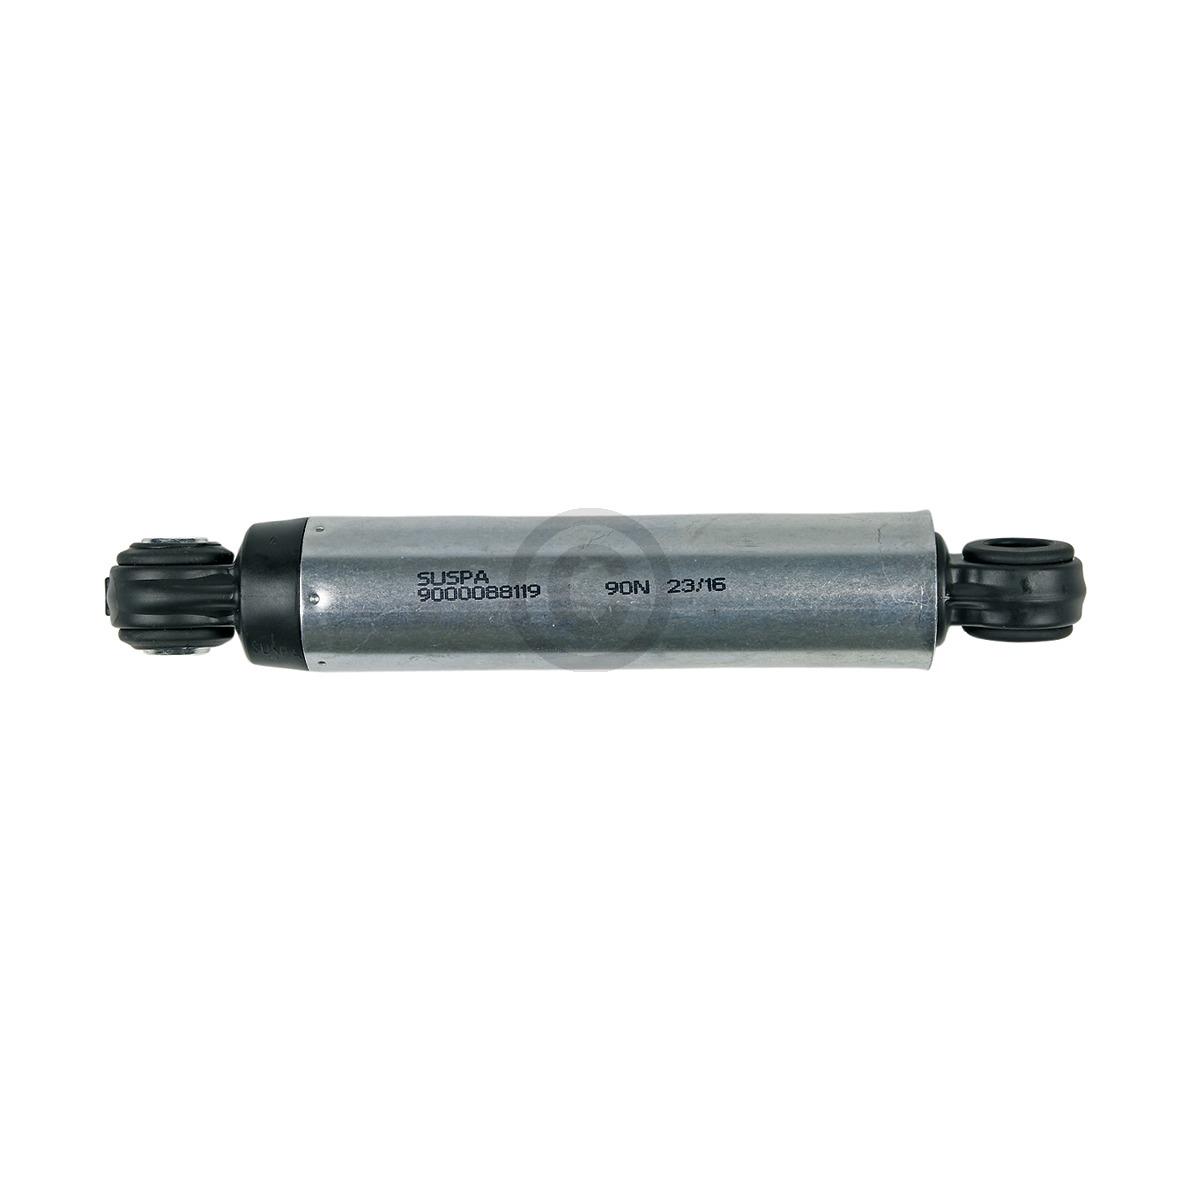 Stoßdämpfer Suspa 90N, AT! 00448032 448032 Bosch, Siemens, Neff